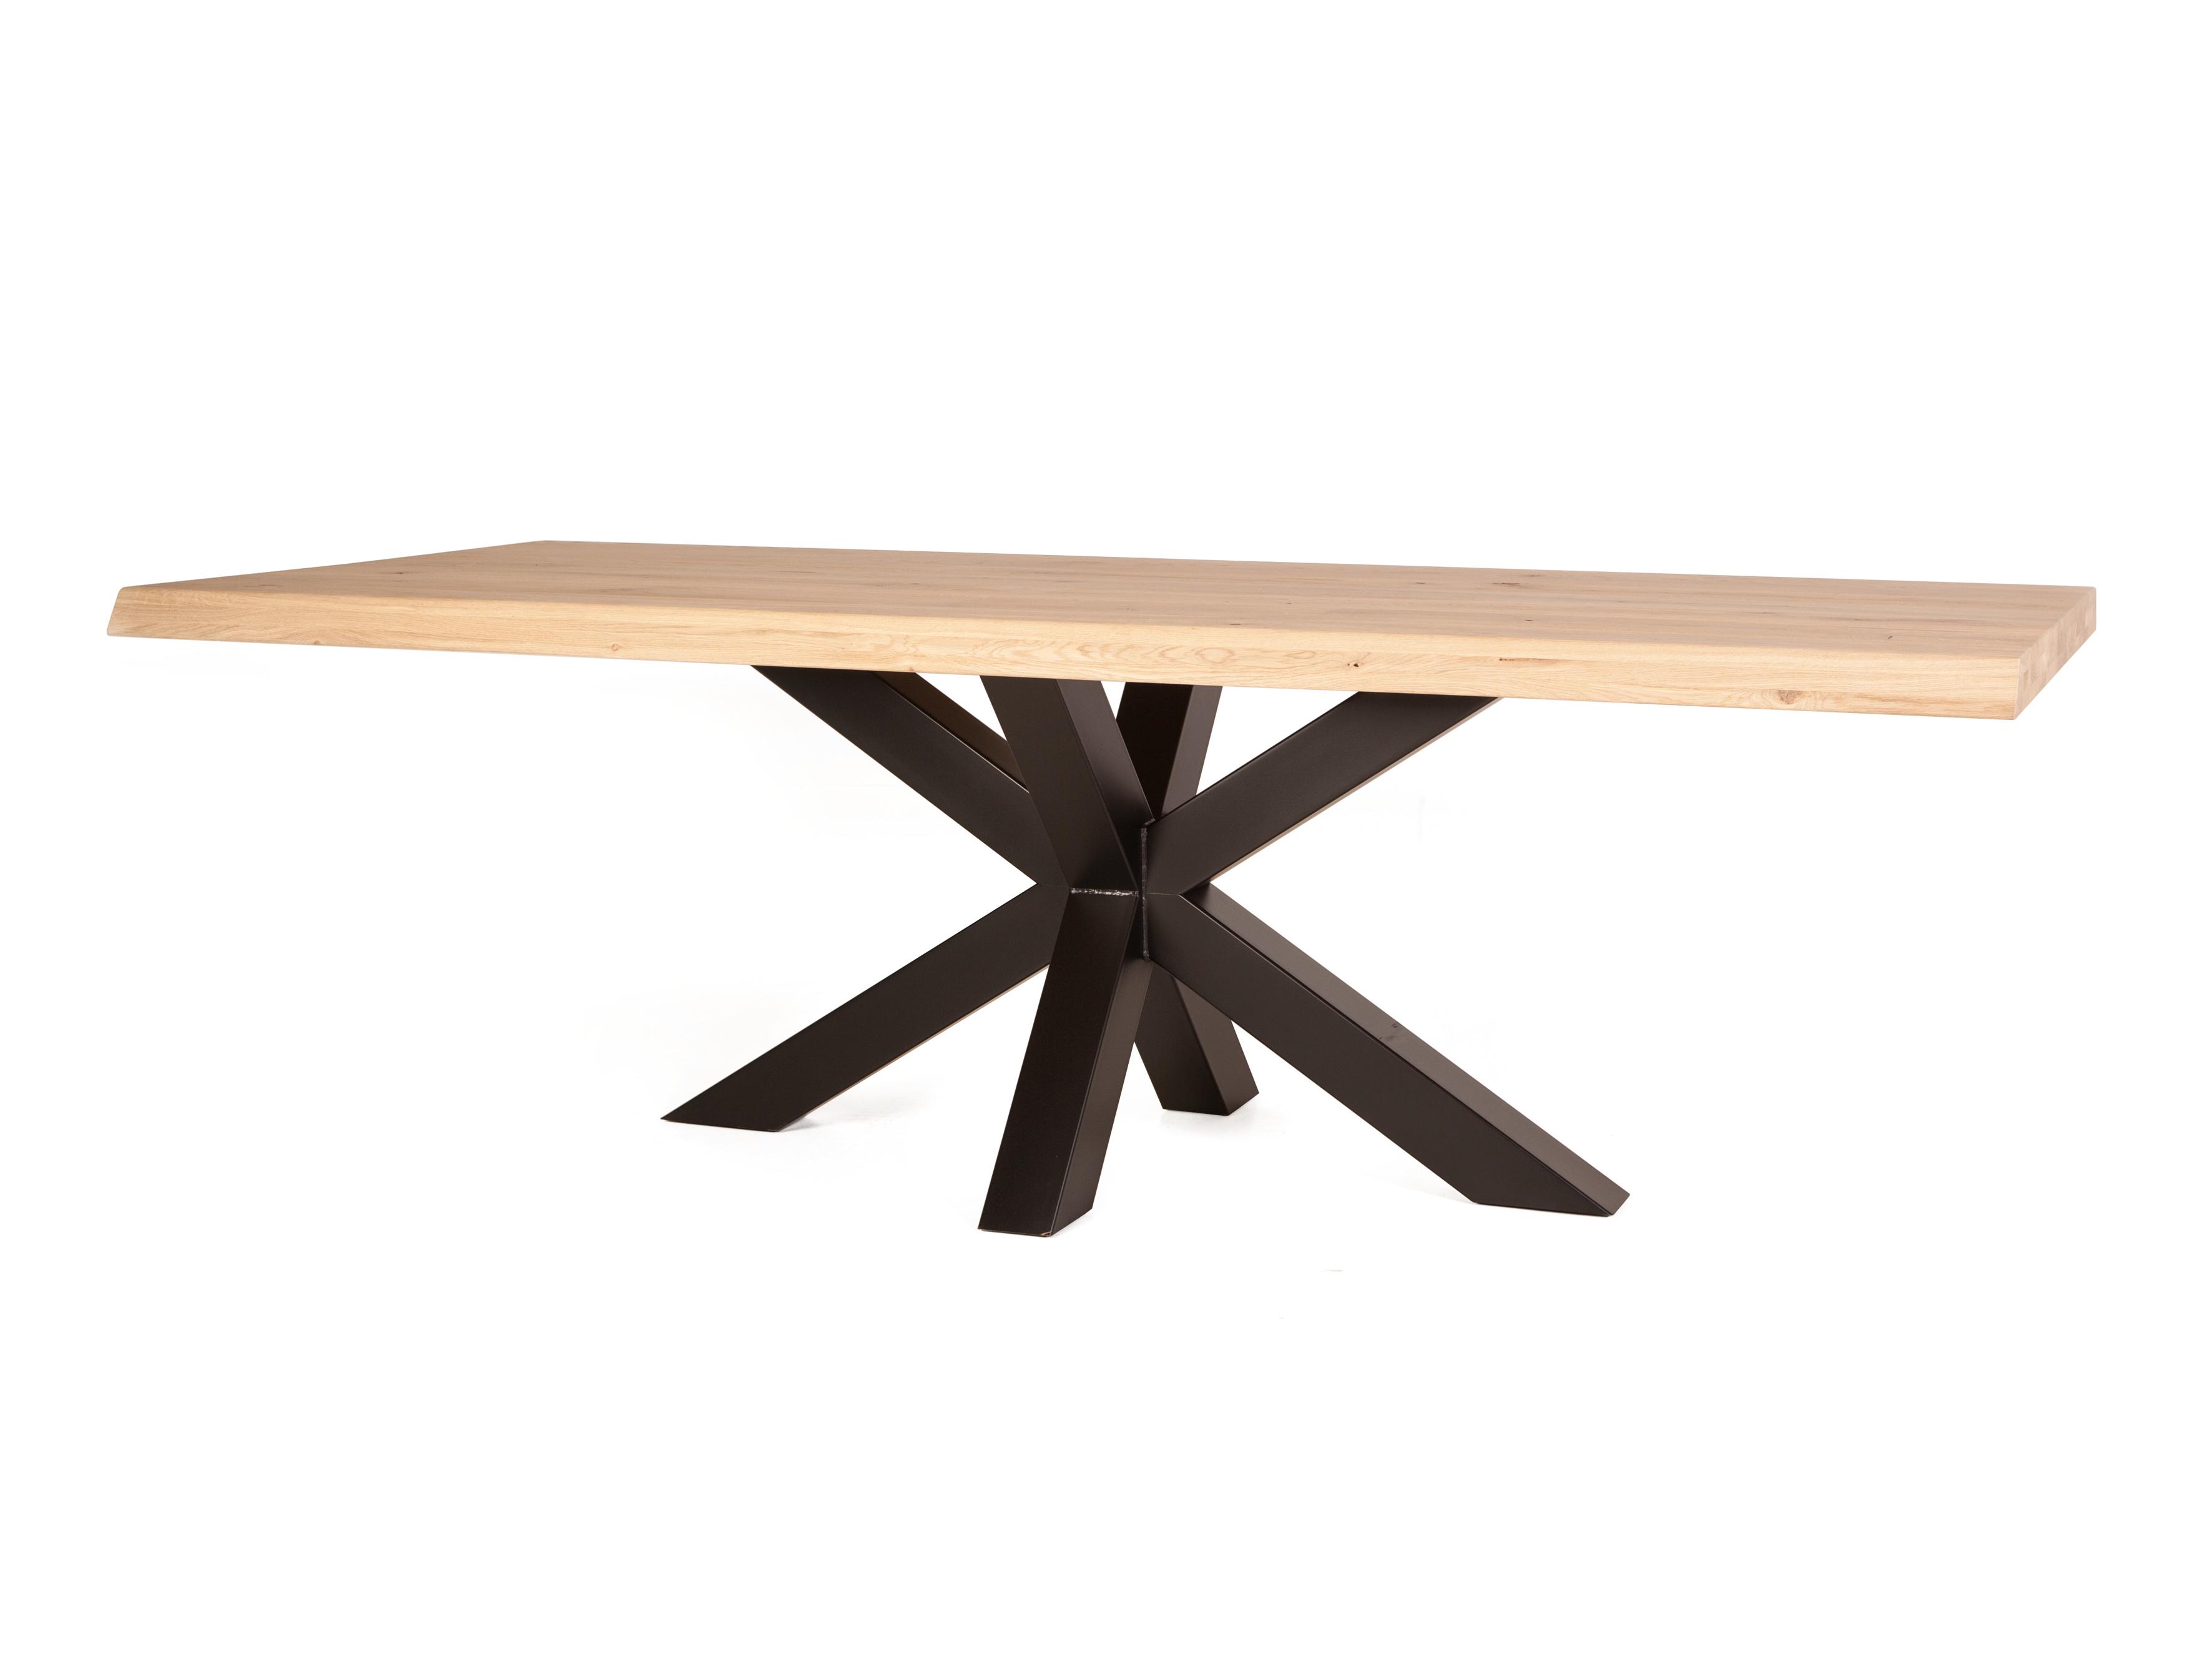 Eetkamertafel boomstam spinpoot mix & match hout deba meubelen